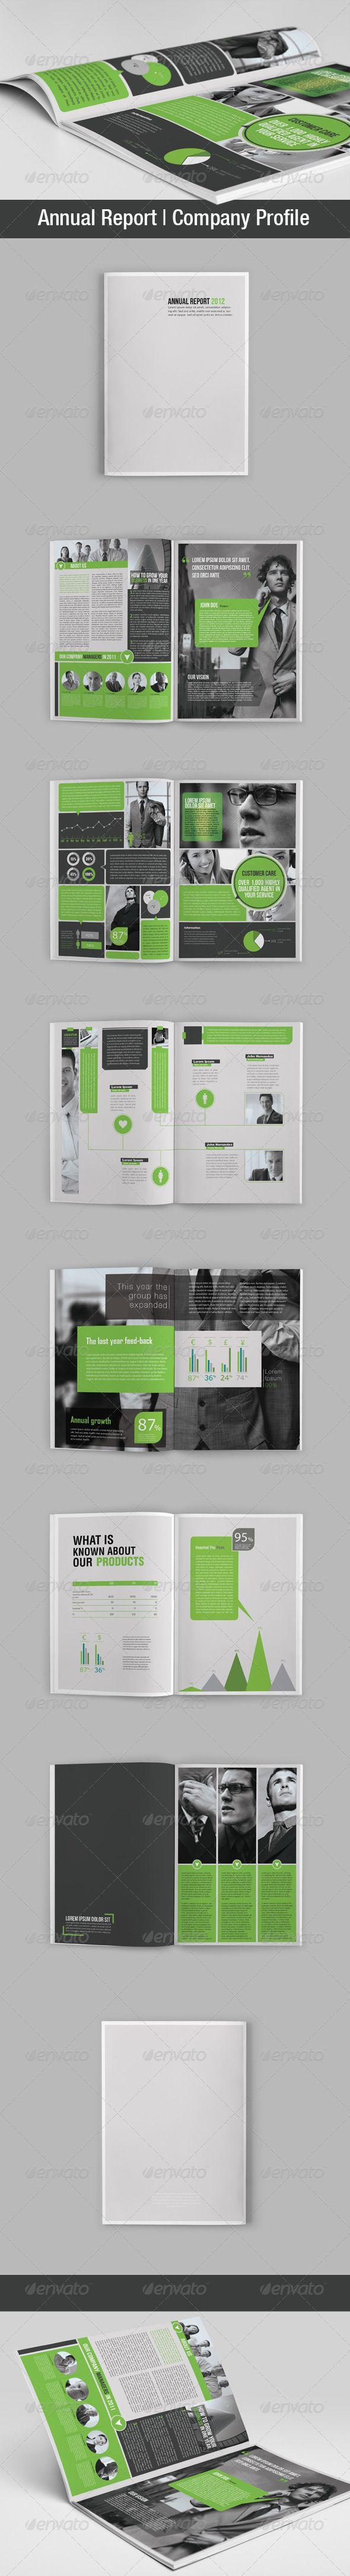 Print Templates - Annual Report | Company Profile | GraphicRiver